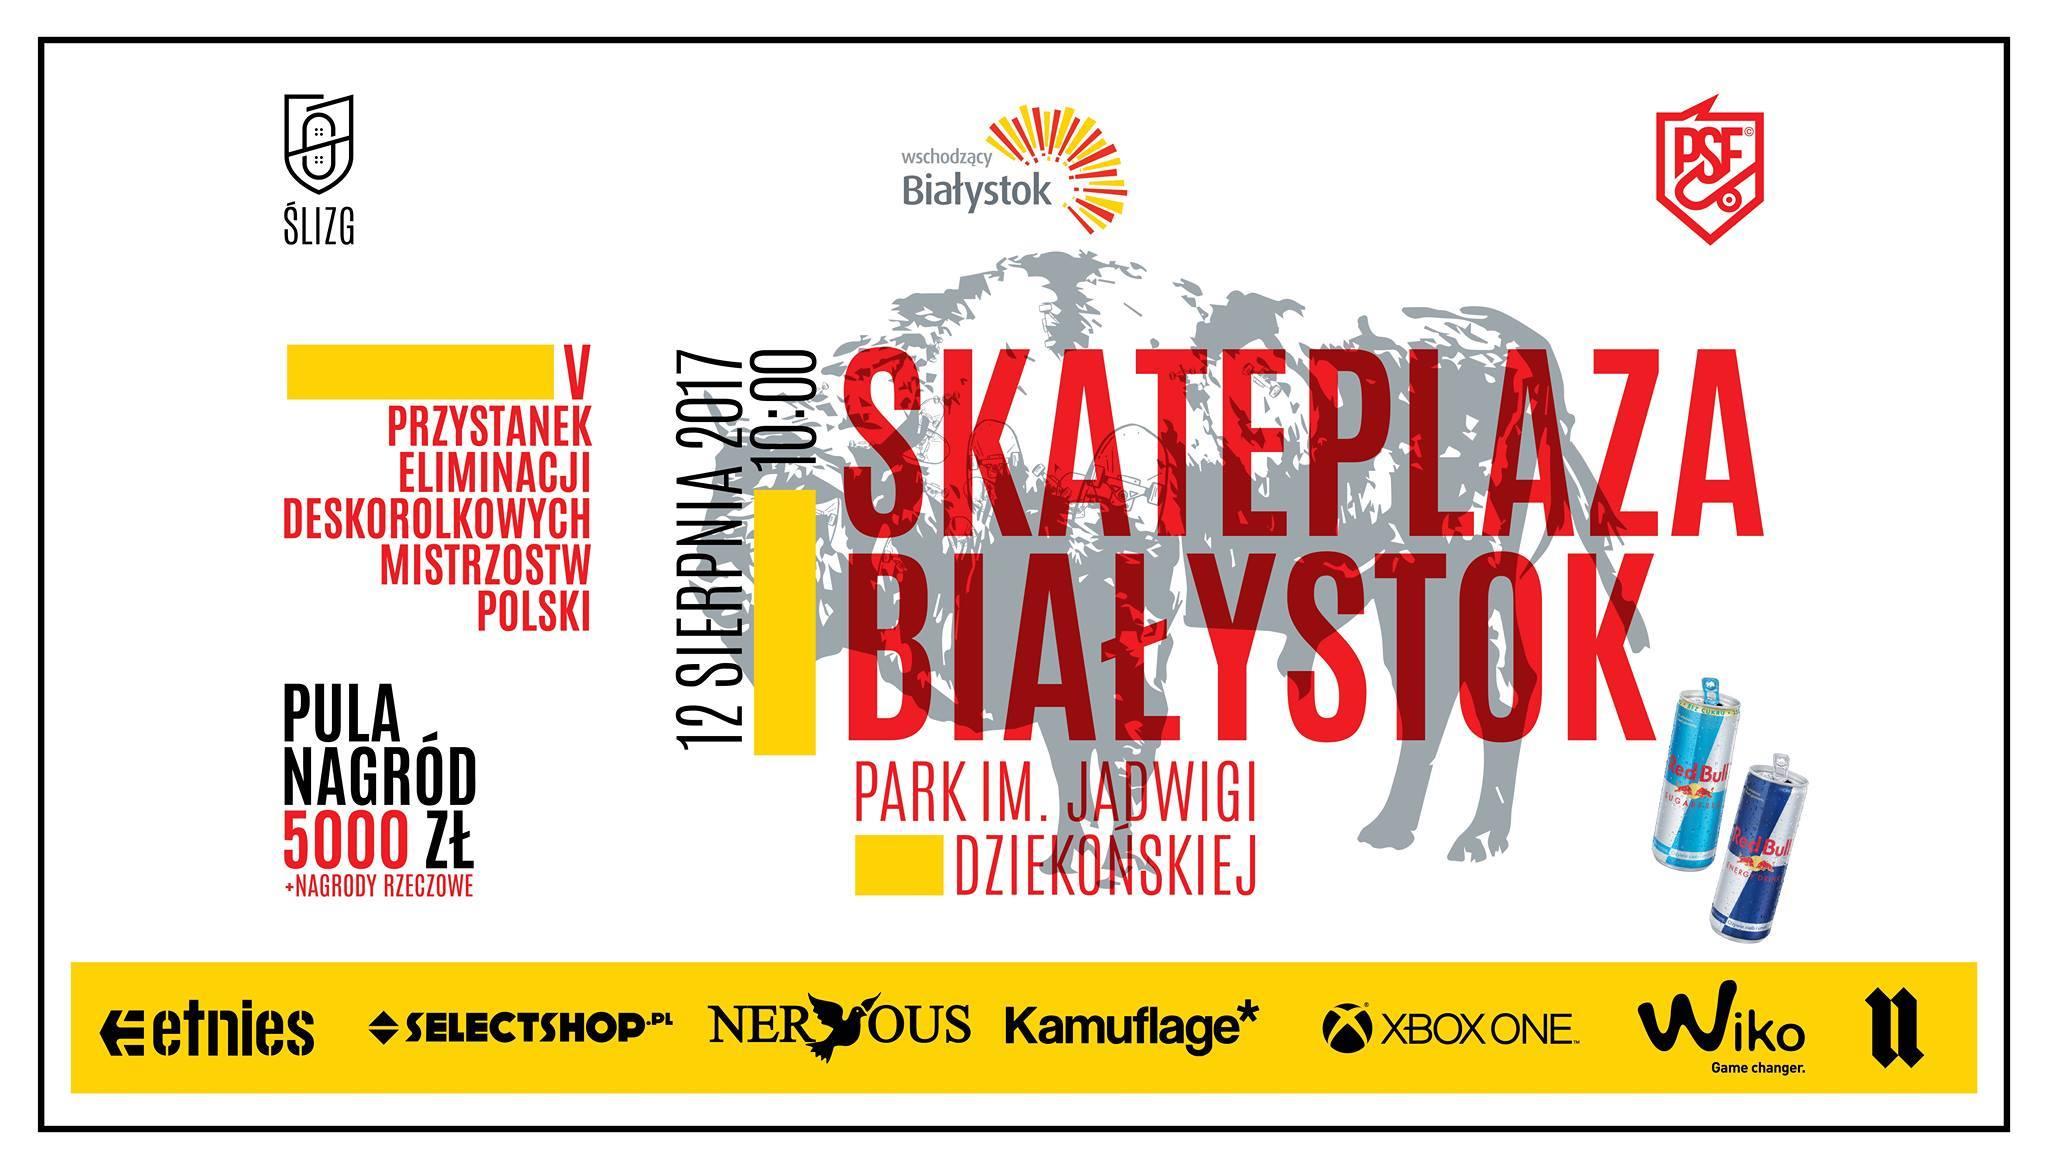 Przystanek Deskorolkowych Mistrzostw Polski | Białystok